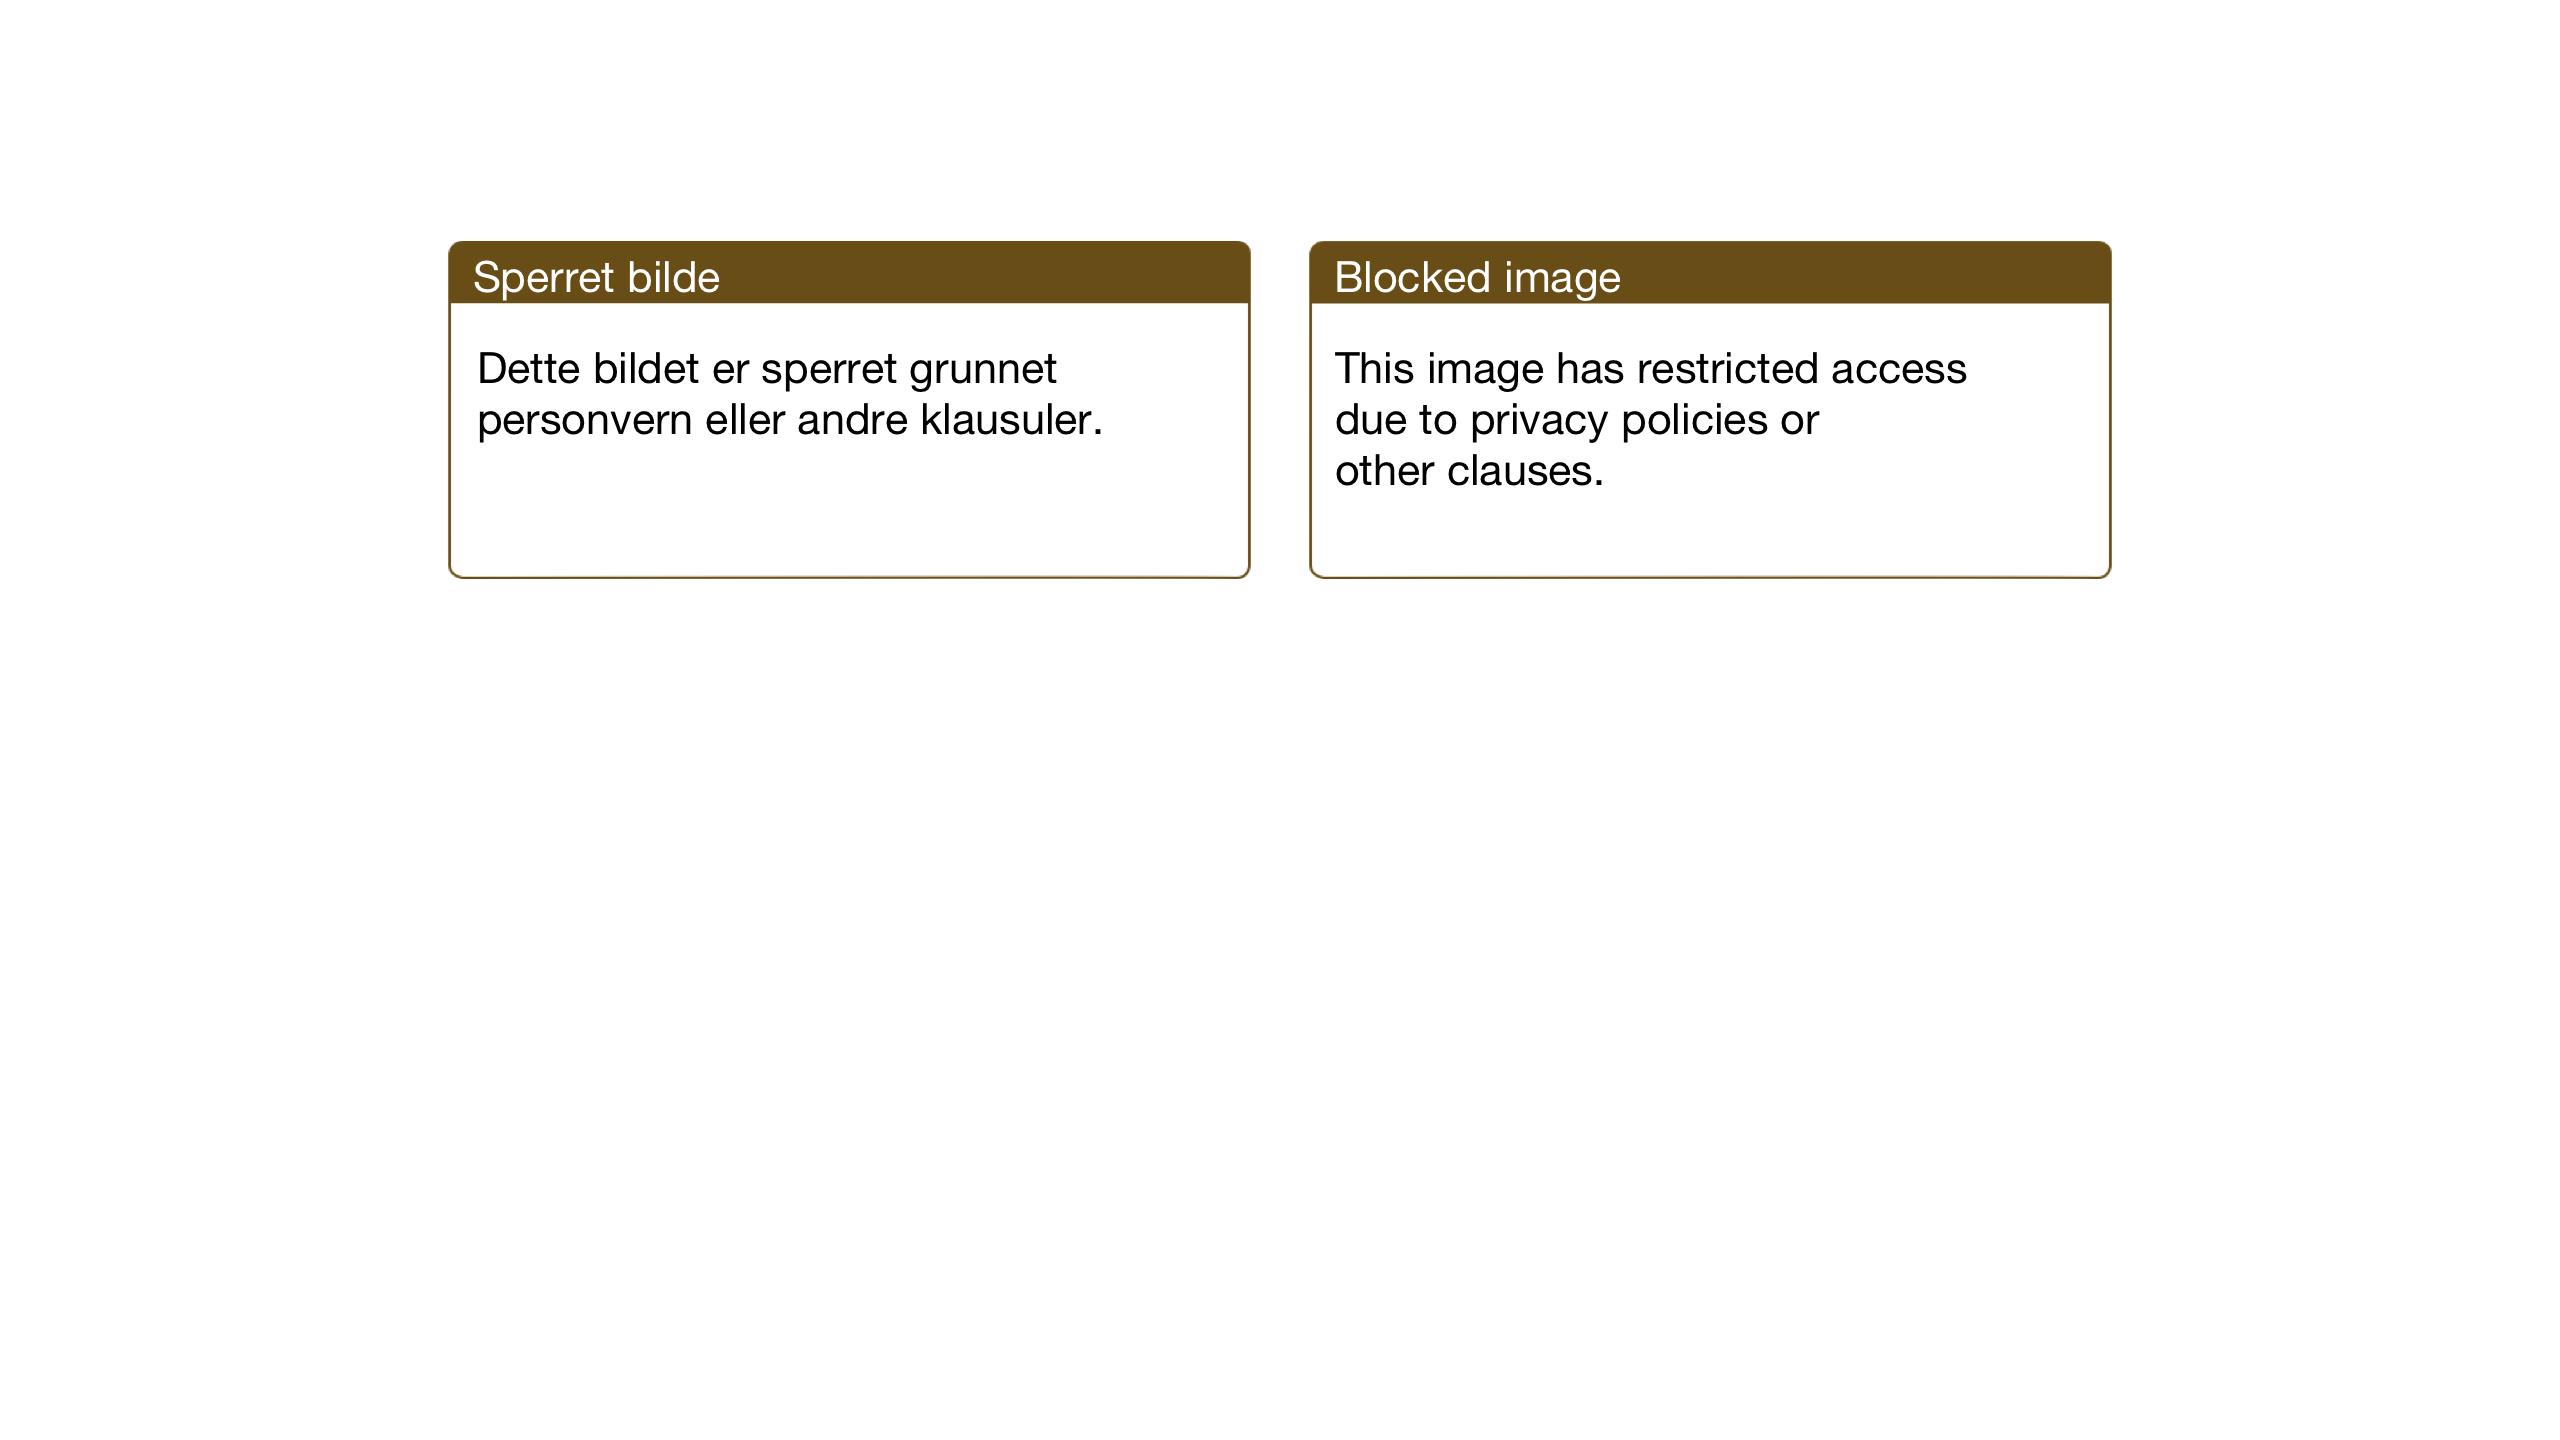 SAT, Ministerialprotokoller, klokkerbøker og fødselsregistre - Nord-Trøndelag, 714/L0136: Klokkerbok nr. 714C05, 1918-1957, s. 32